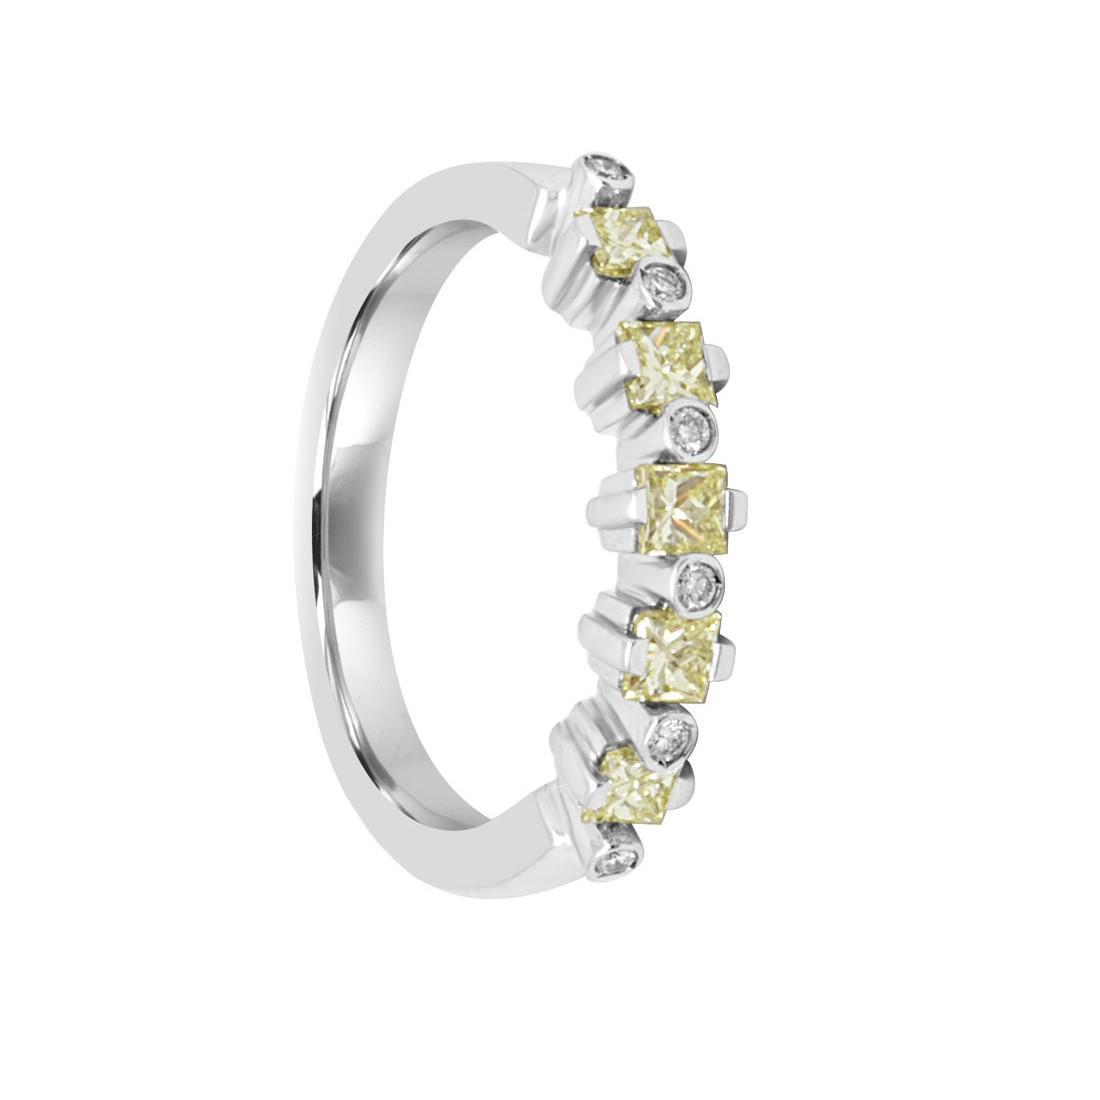 Anello in oro bianco con diamanti gialli ct 0.70 - SALVINI